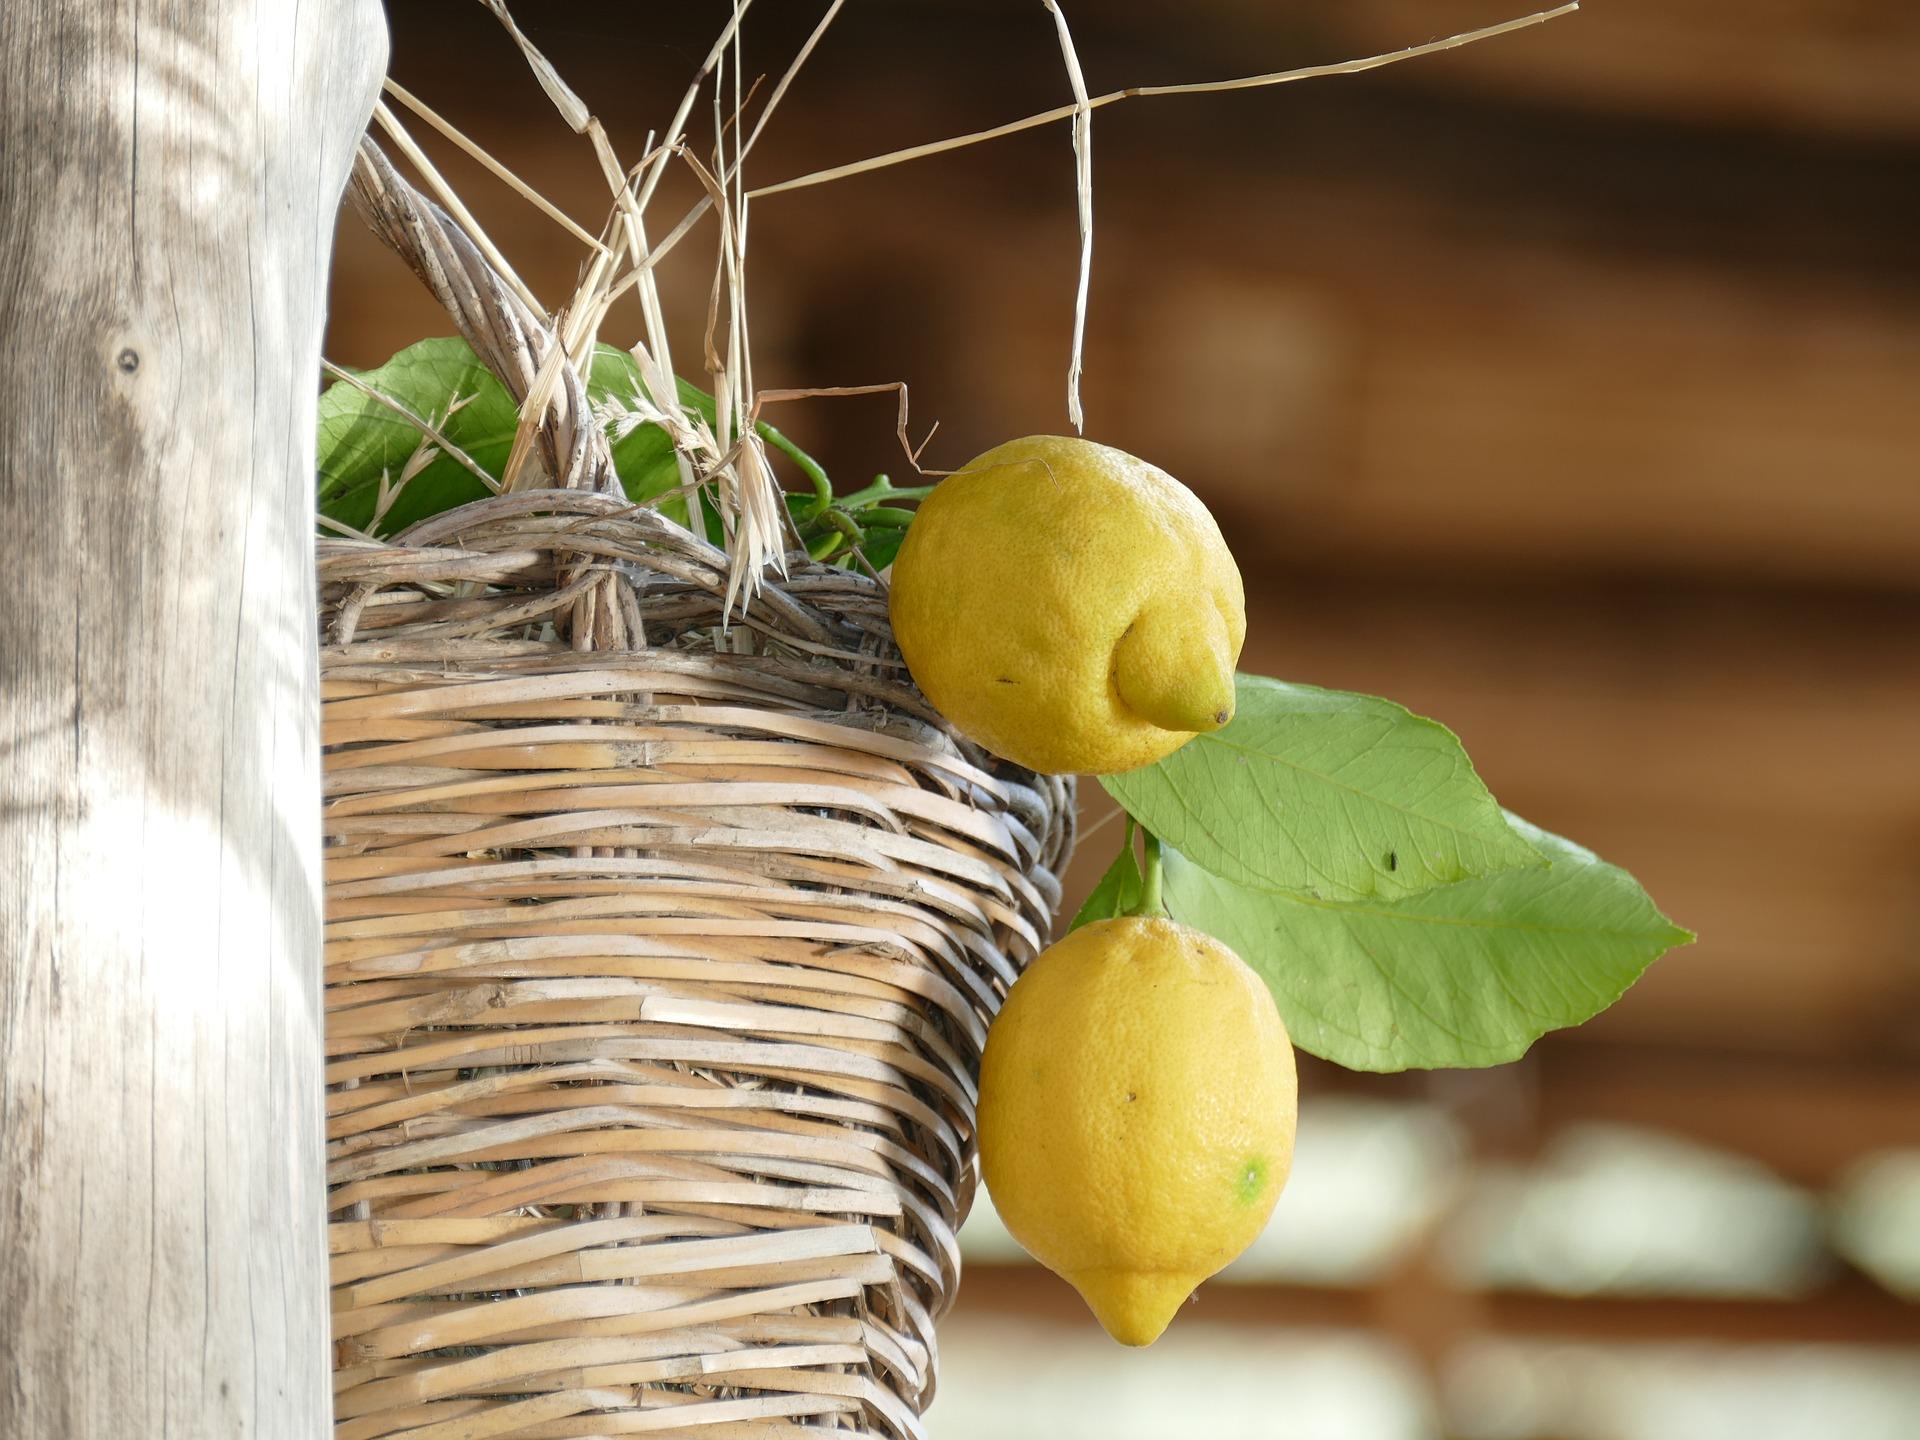 Limoncello wordt gemaakt van citroenen